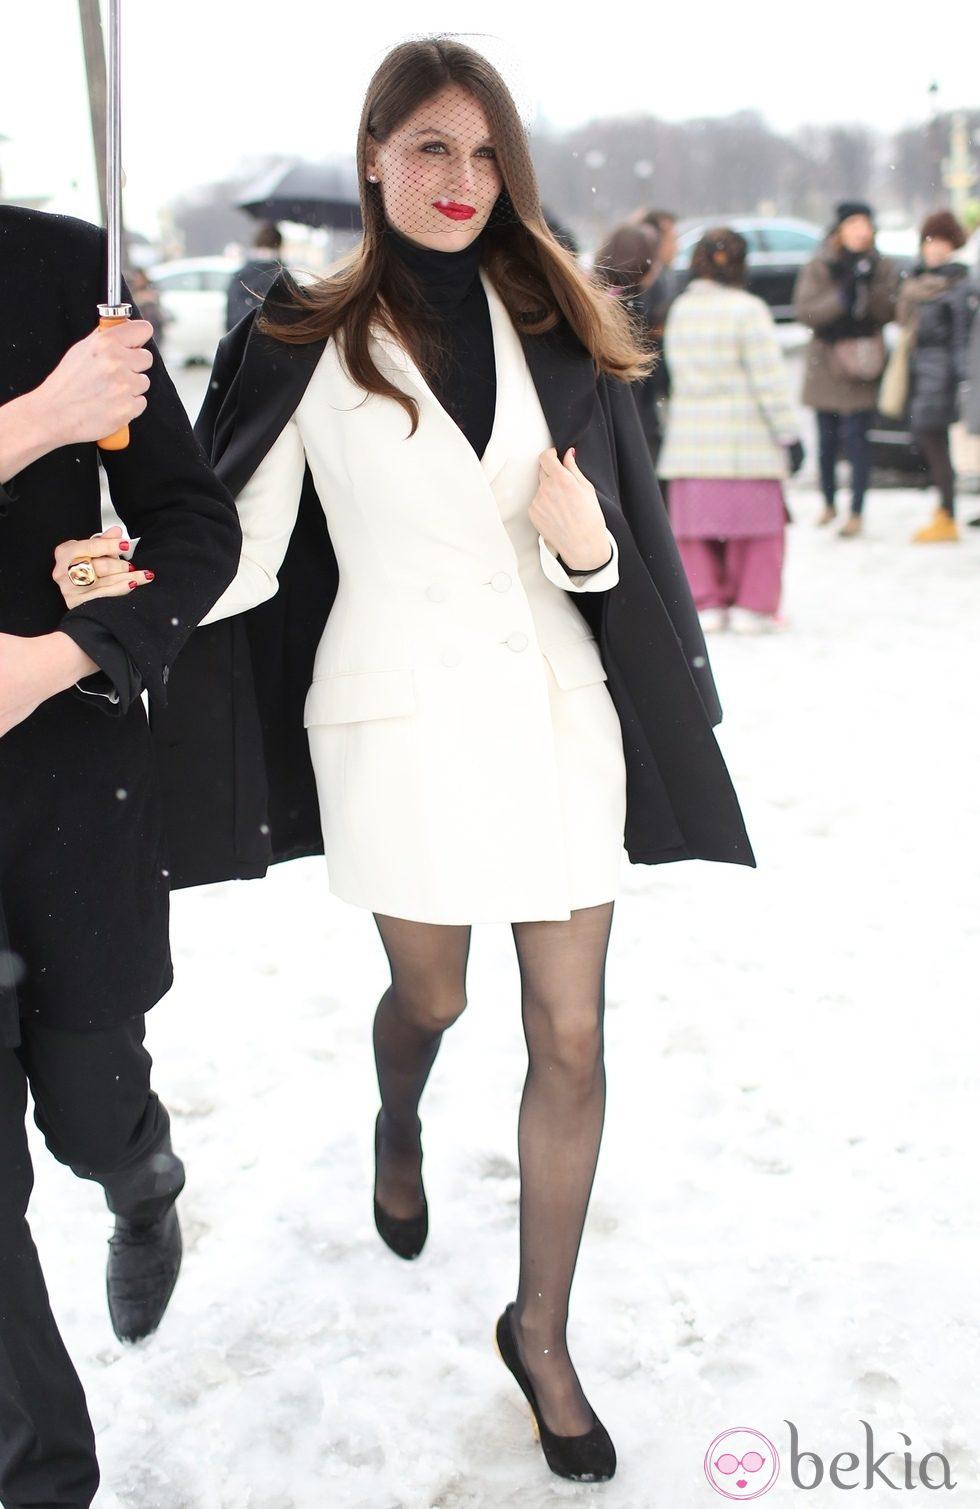 Laetitia Casta en la Semana de la Moda de París otoño/invierno 2013/2014